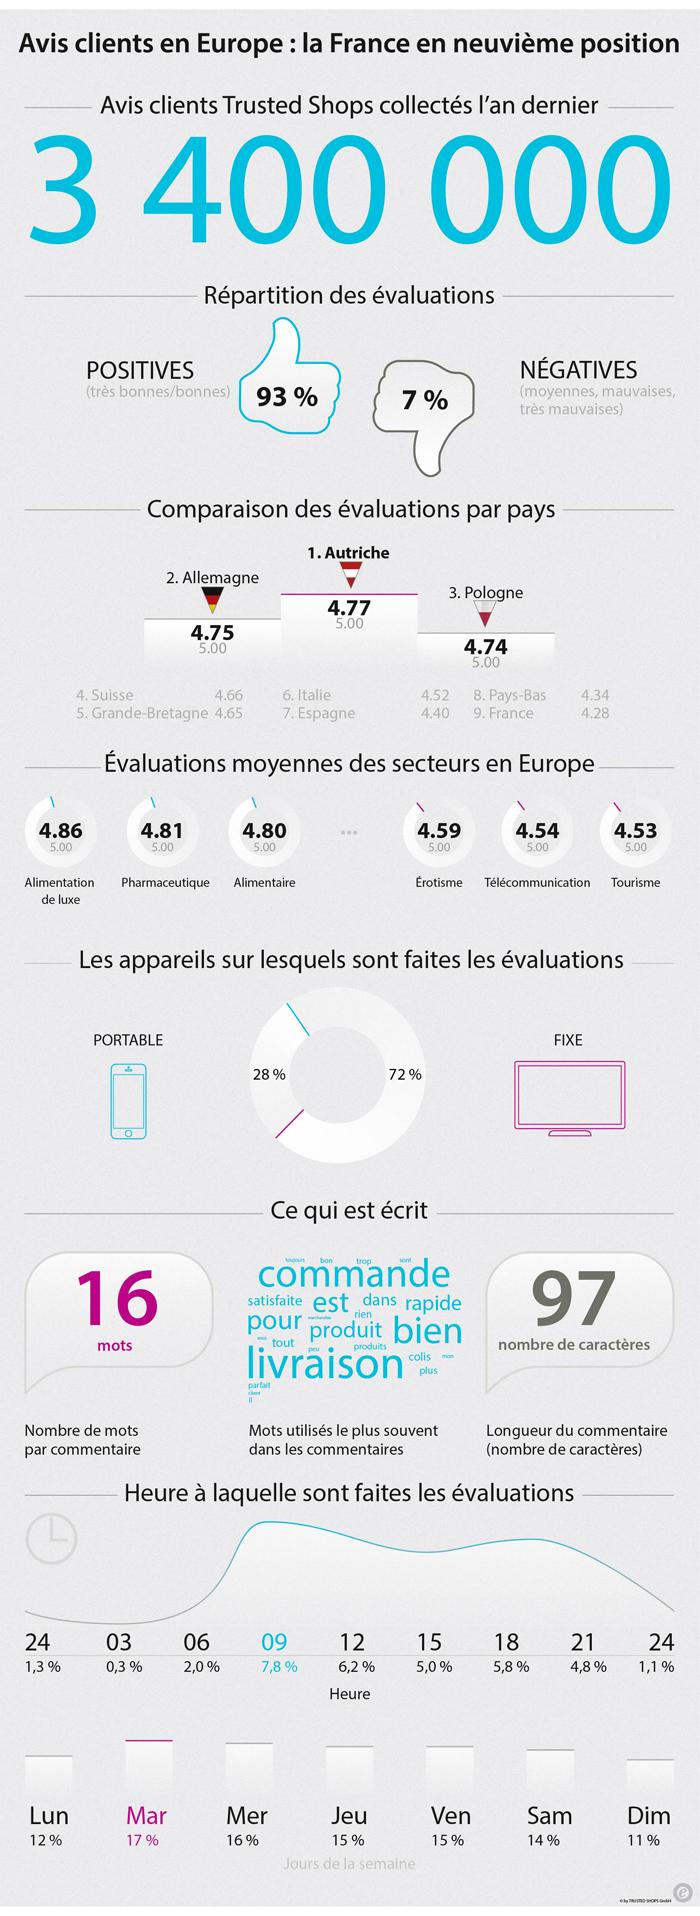 L'infographie sur les 3 400 000 avis clients publiés sur Trusted Shops en 2015